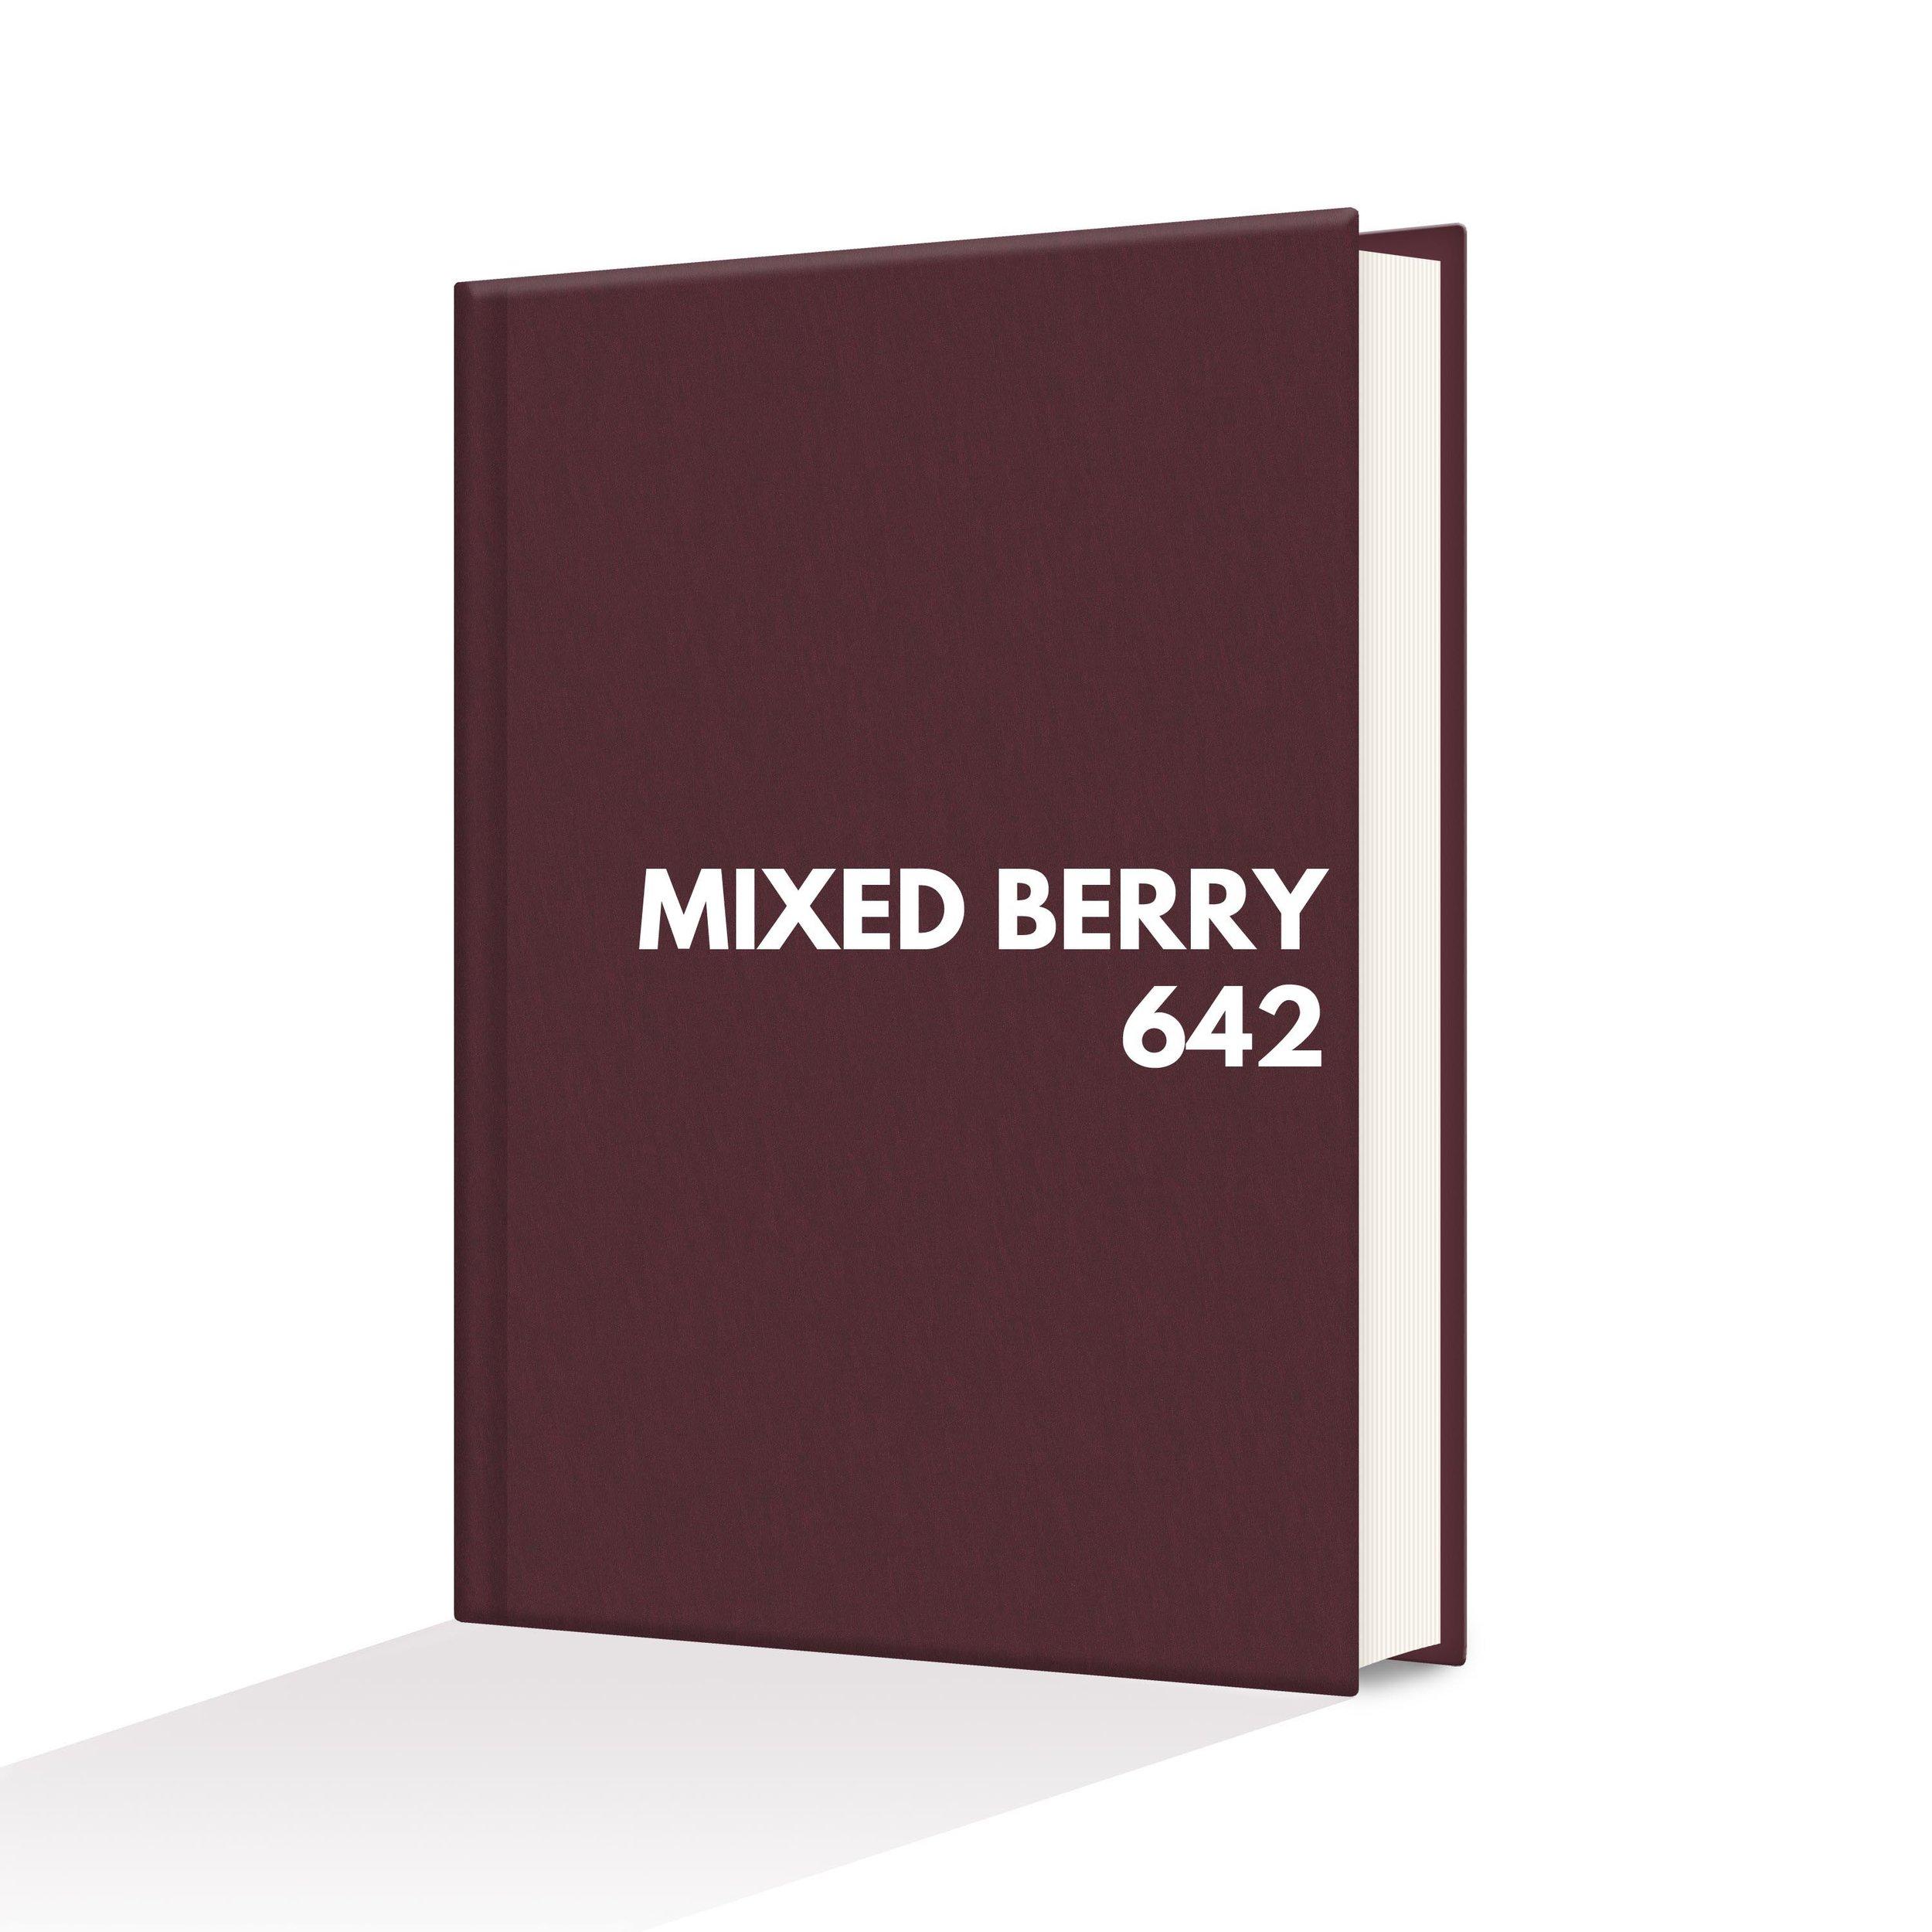 mixedberryl642.jpg